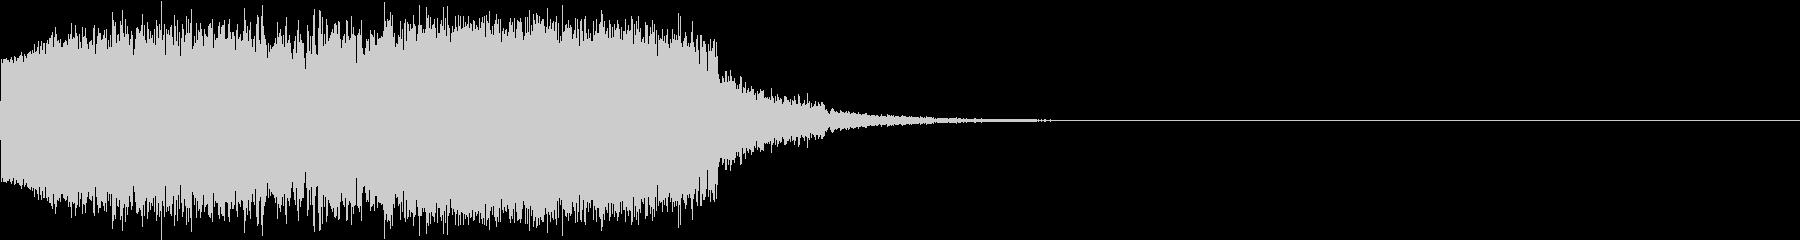 ギュイーン 重め ギューン 光る 013の未再生の波形